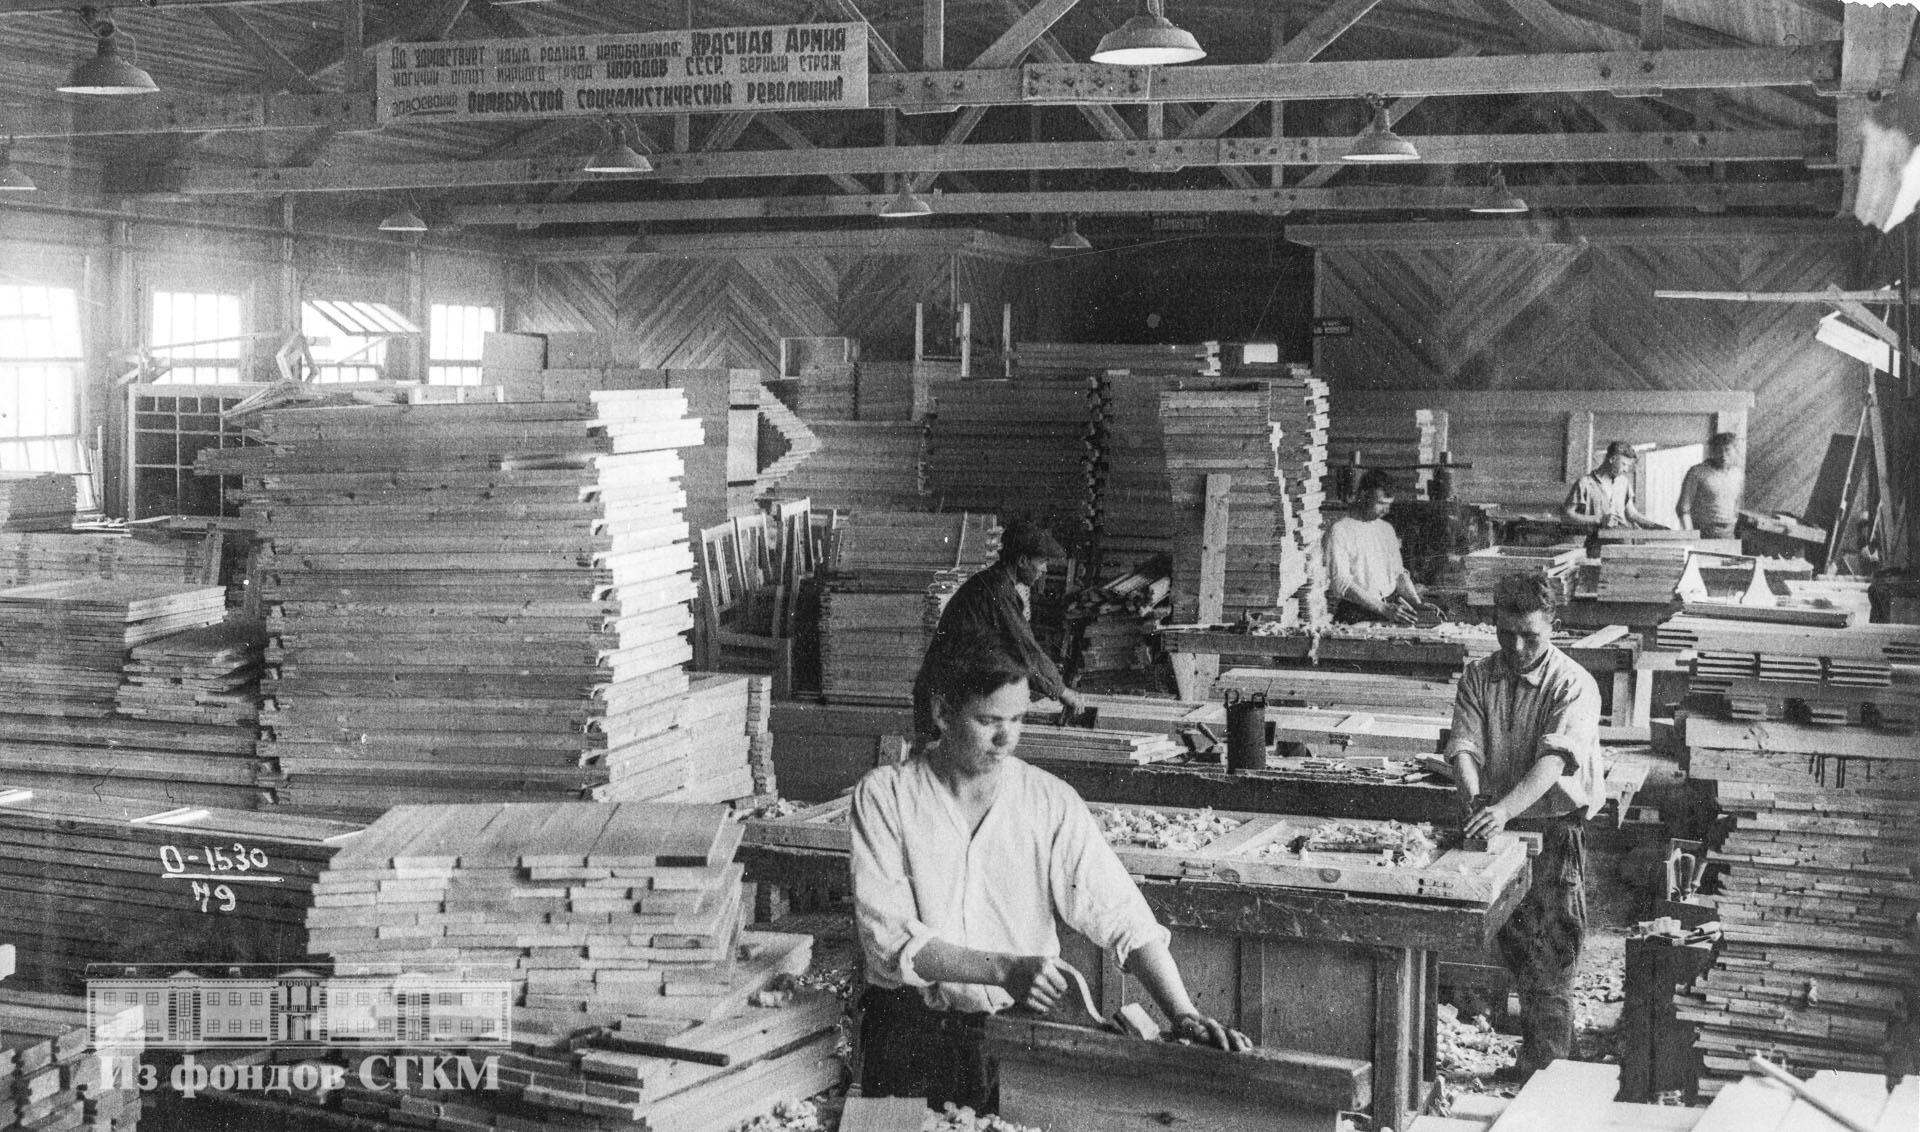 1940. Внутренний вид столярного отделения